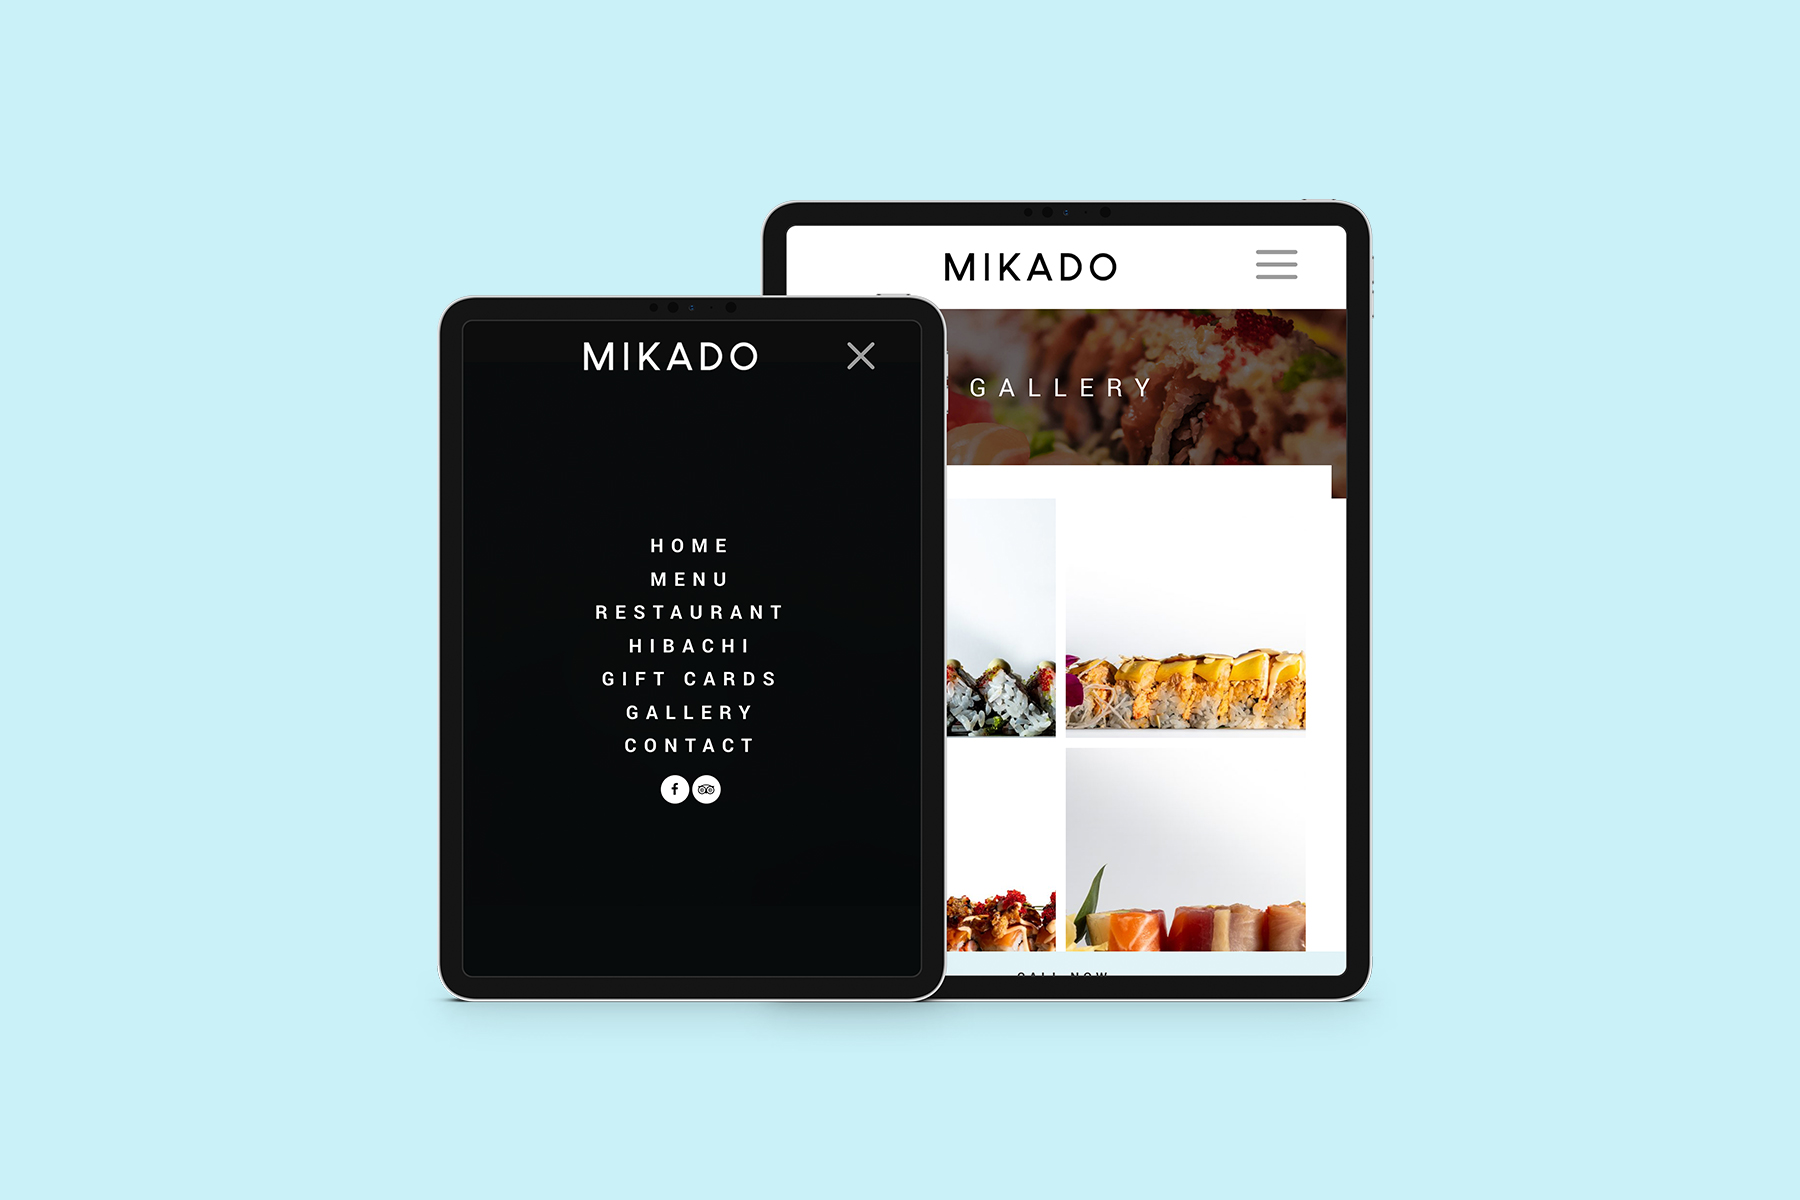 Responsive website design on iPad